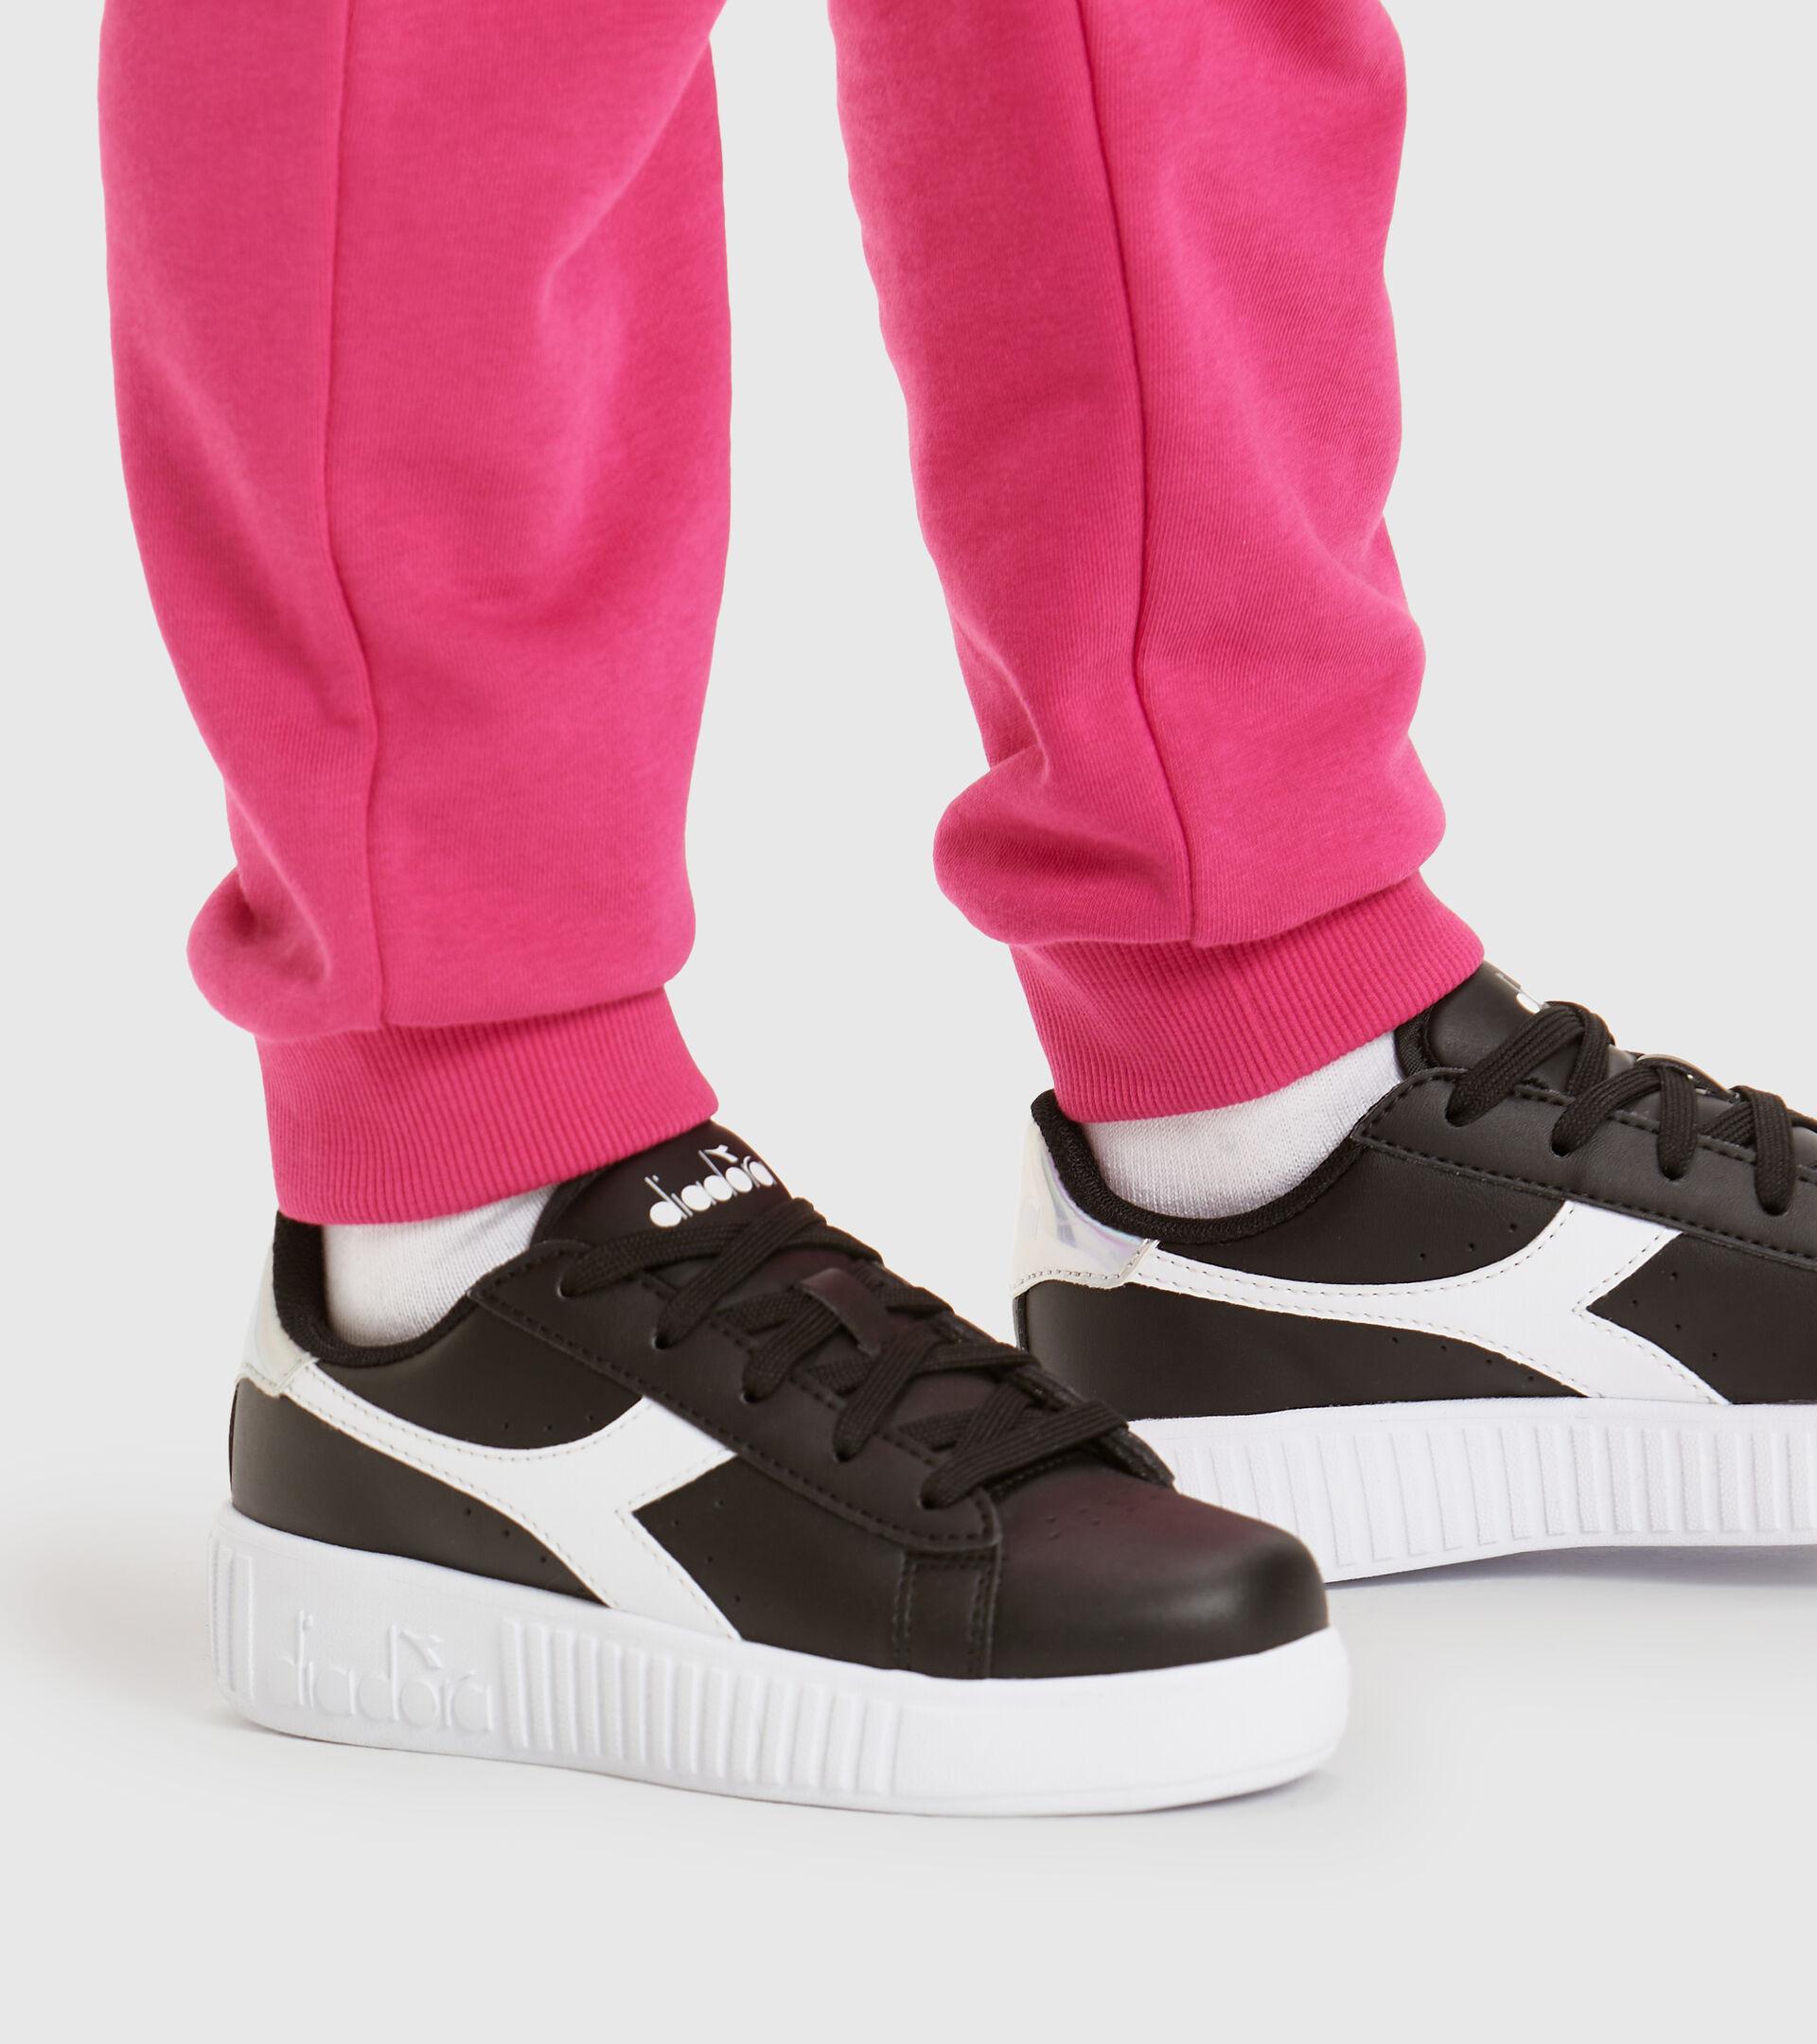 Chaussures de sport - Enfants 4-8 ans GAME STEP PS NOIR/BLANC - Diadora